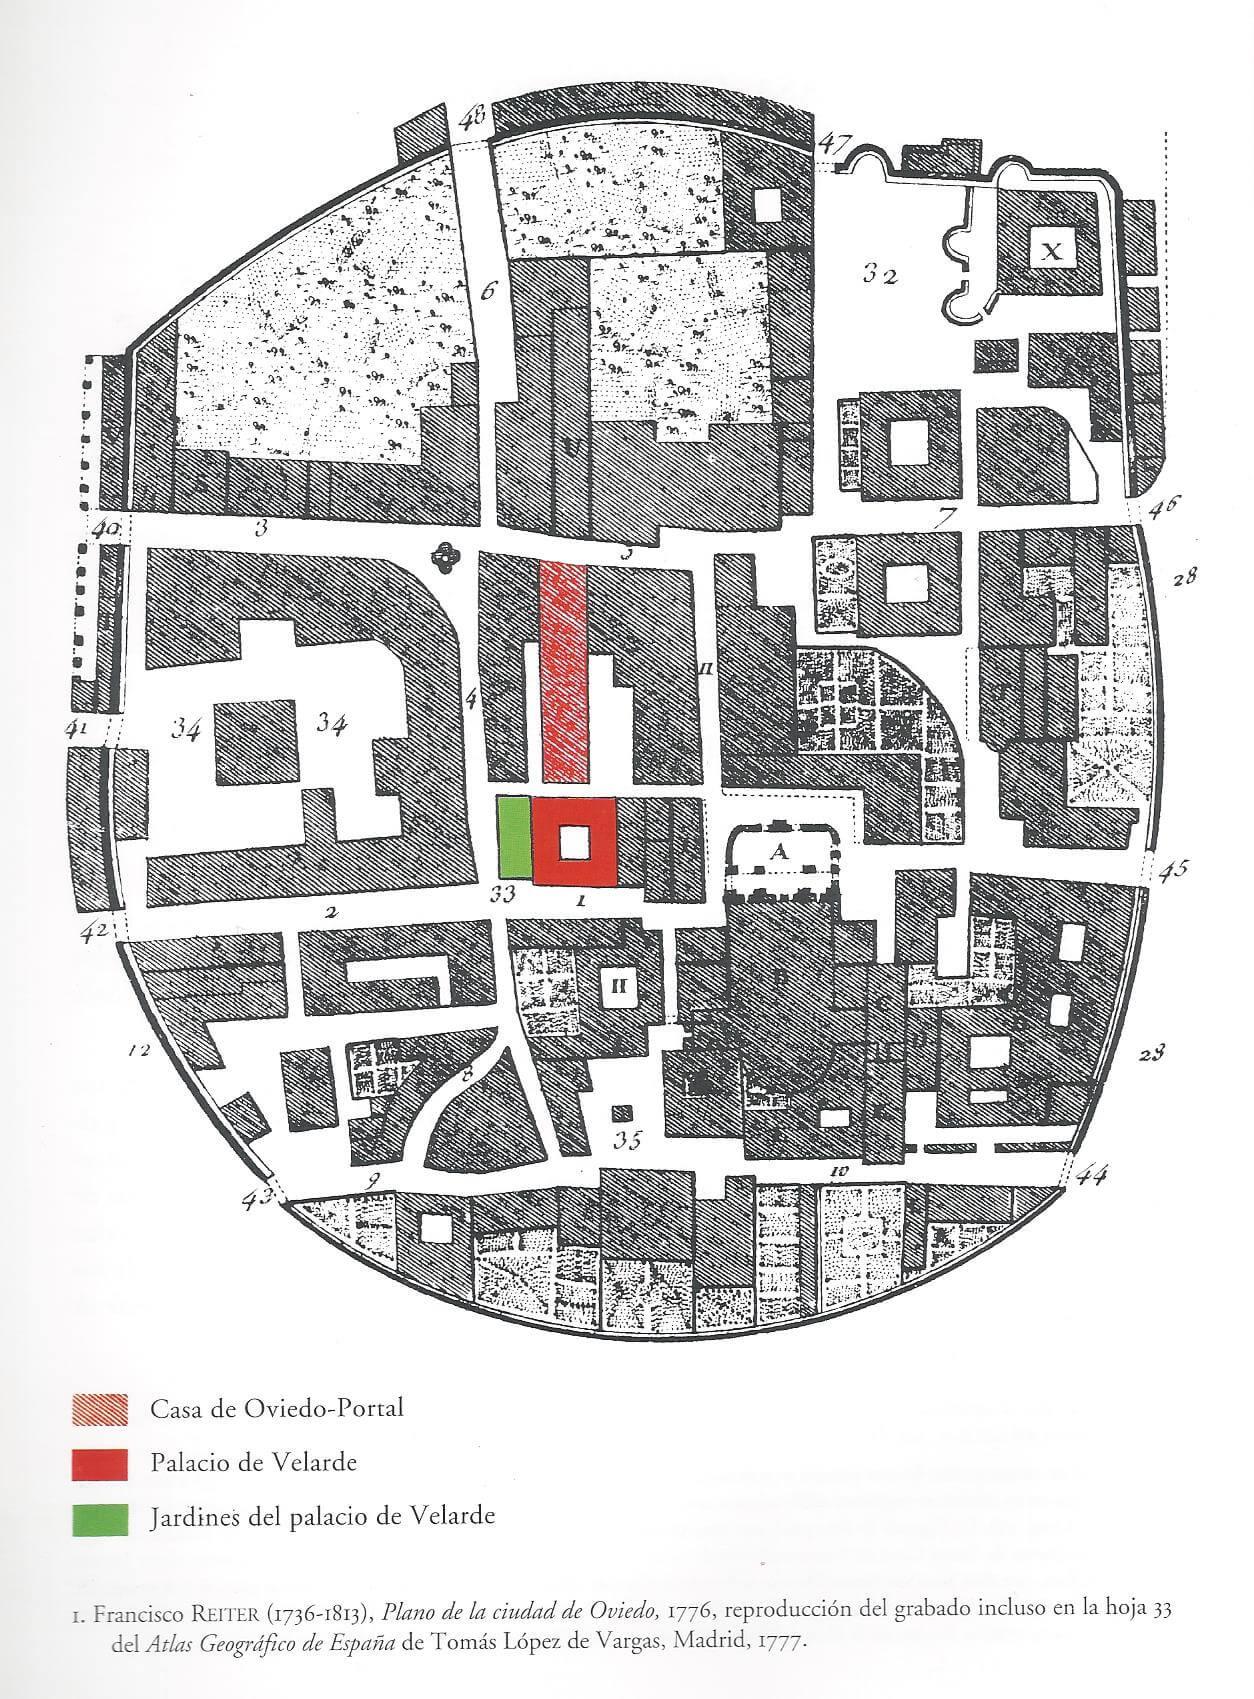 Plano de Oviedo por F. Reiter (1776)